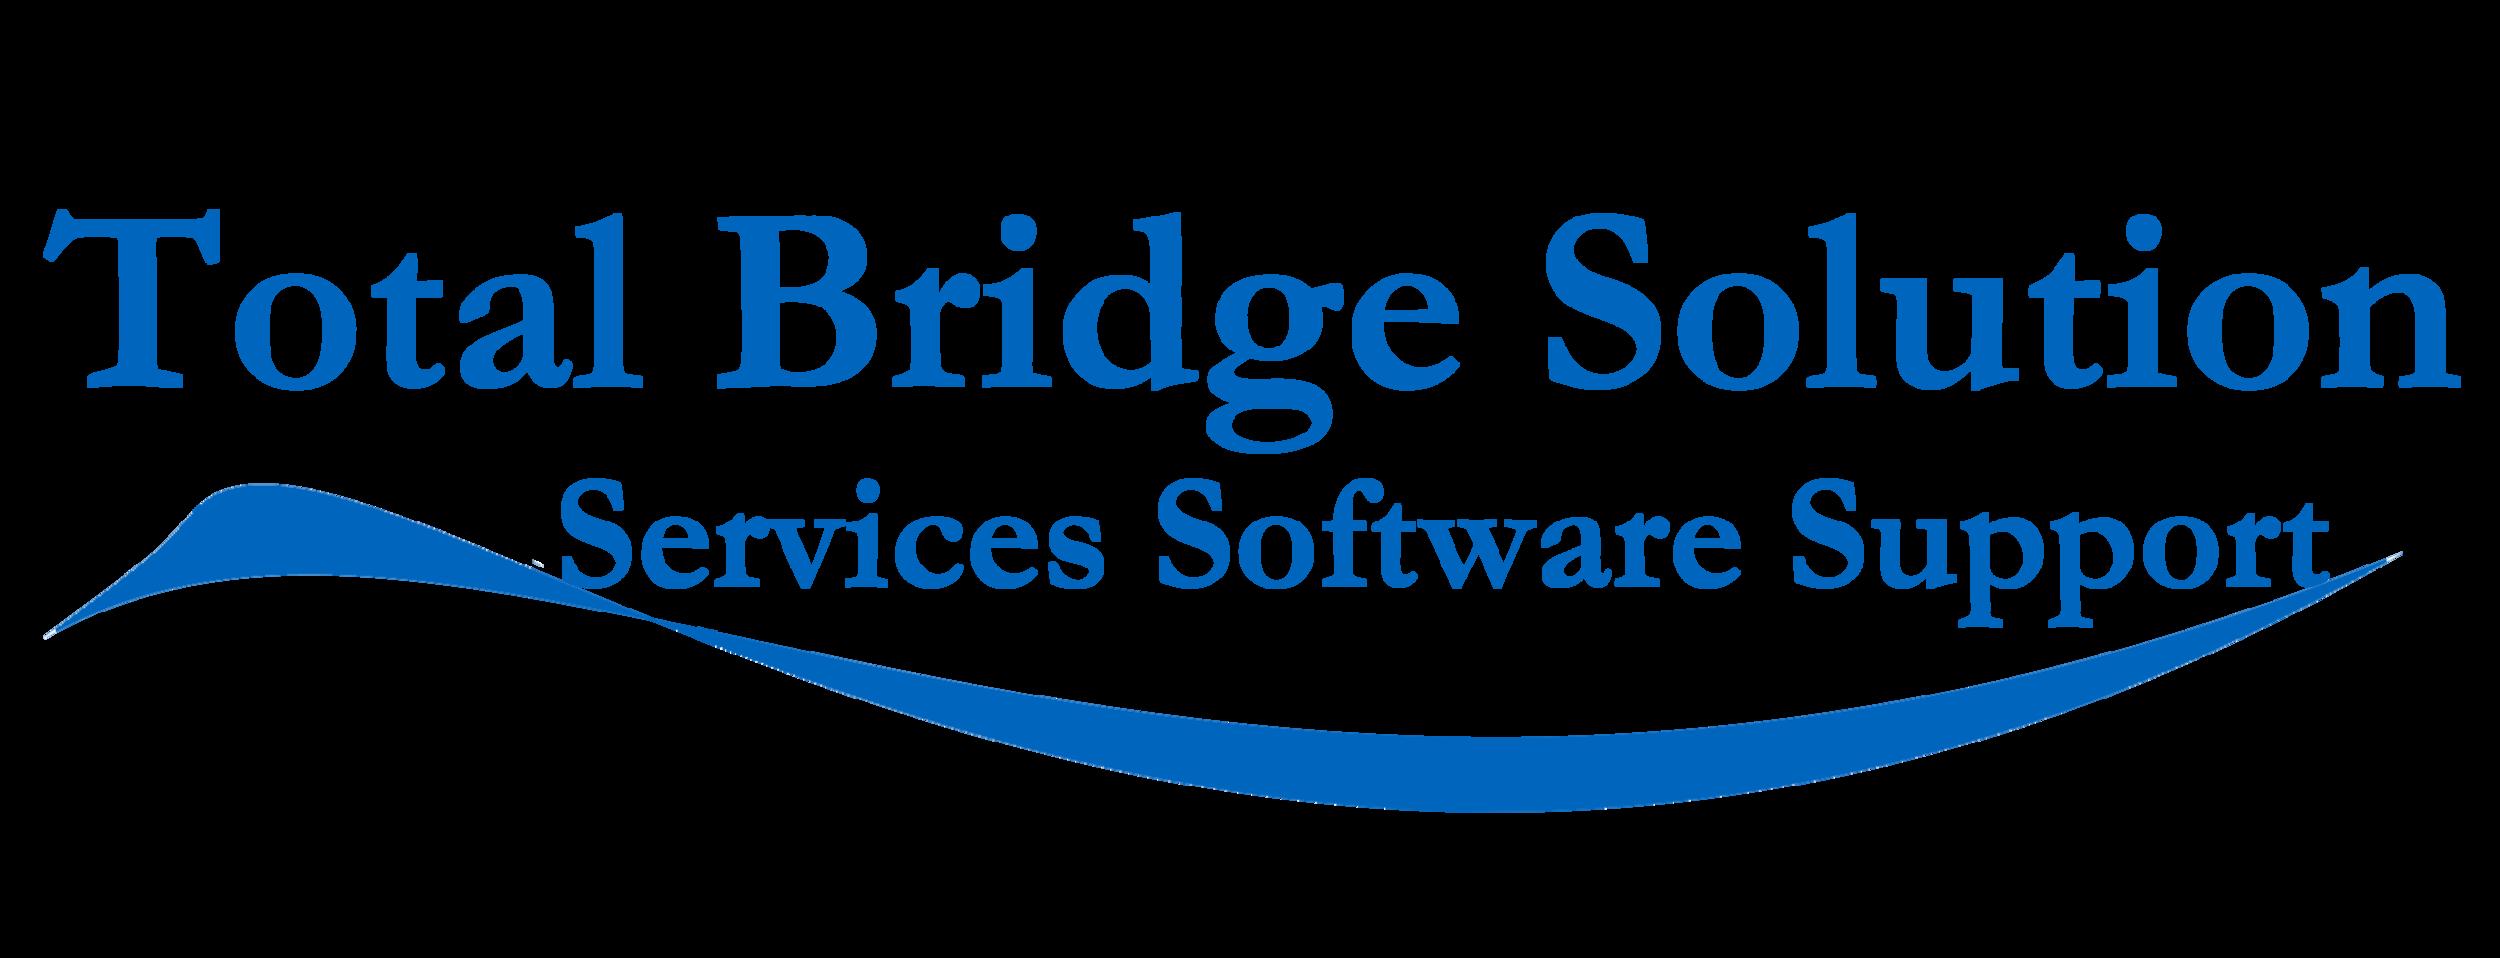 TBS SSS Logo 2019 BLUE.png